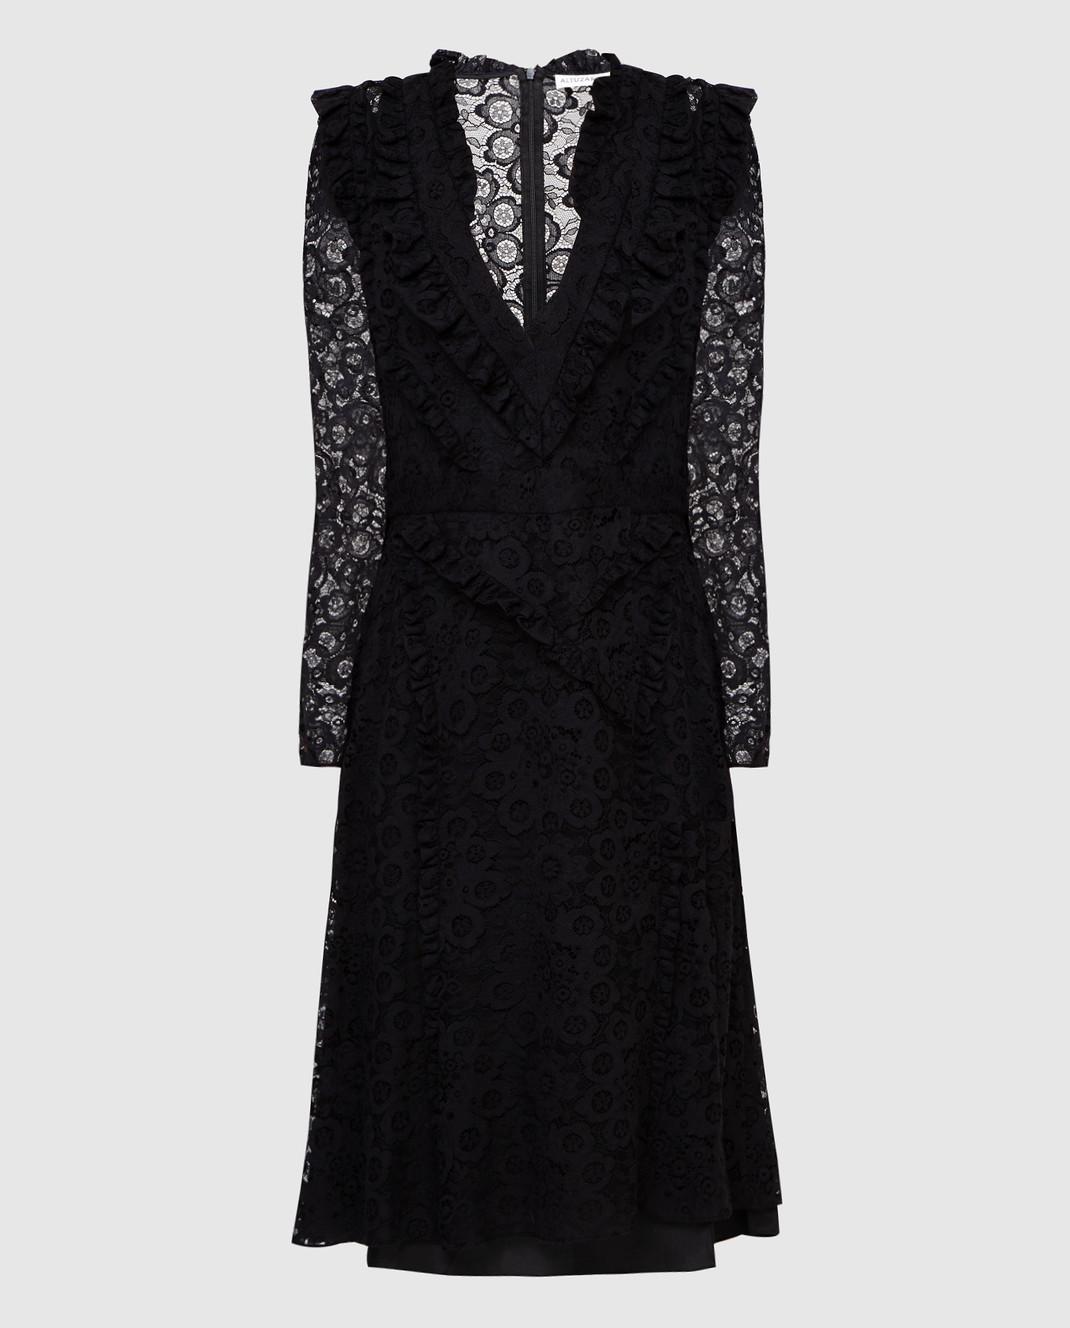 Altuzarra Черное платье 318316795